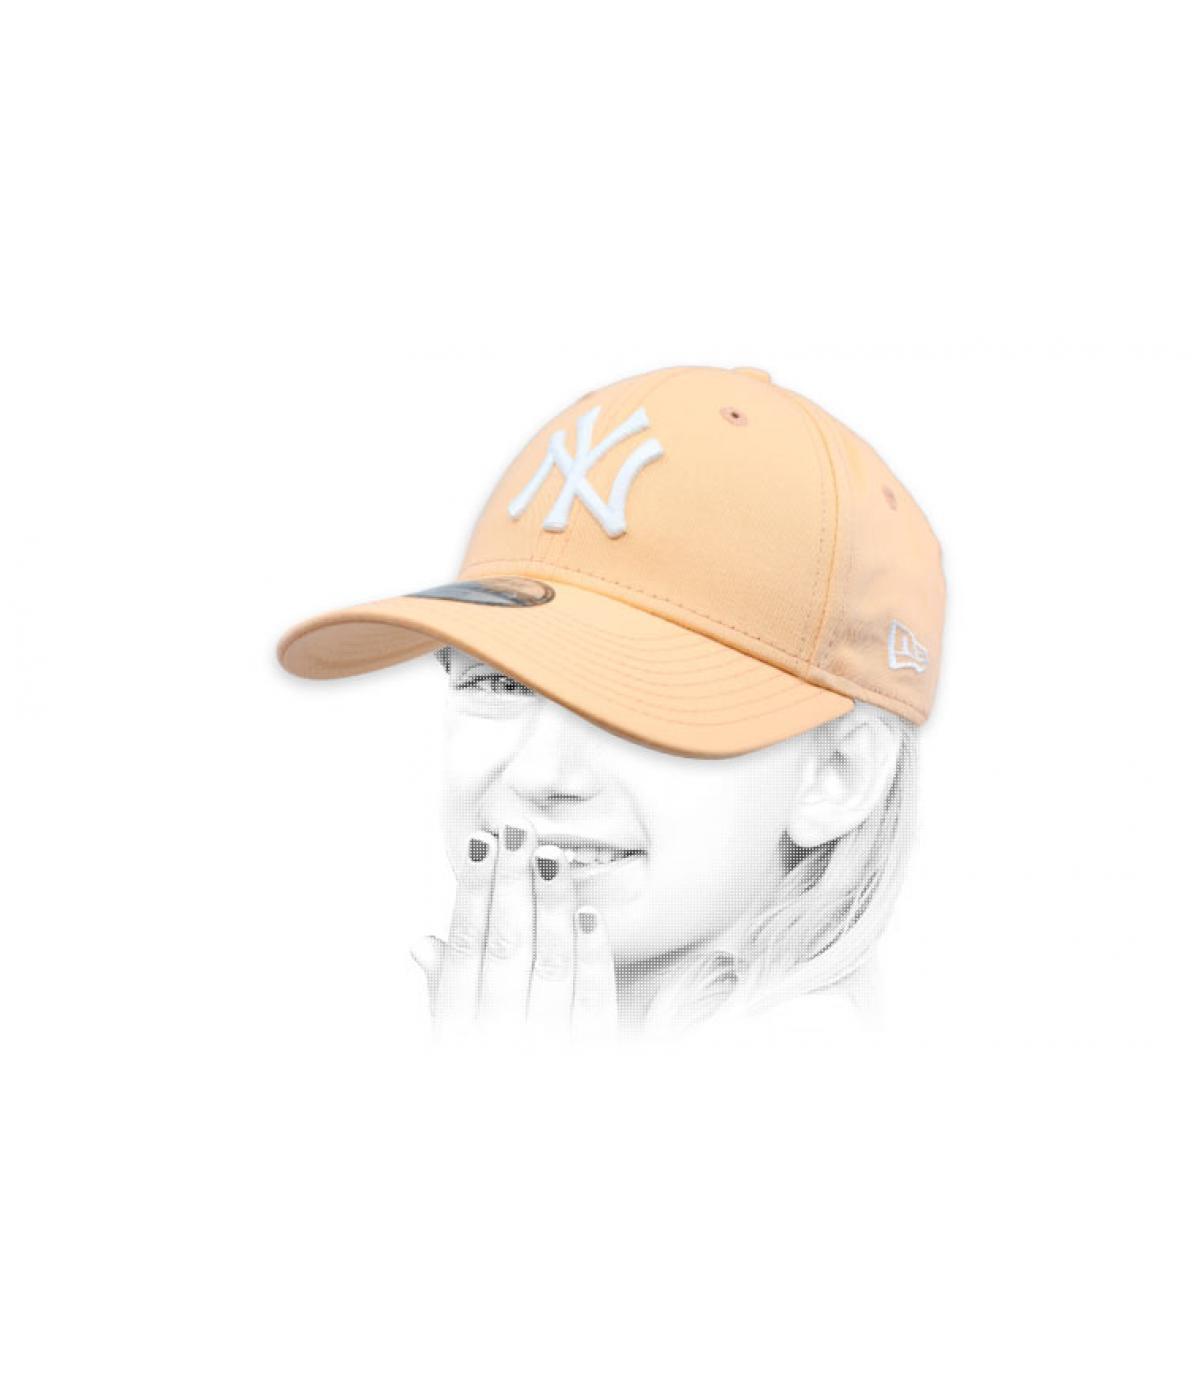 ef1a1b4b57827 New Era Baby League Ess 9Forty LA camel. 16€ - Indisponible. gorra niño  rosa NY